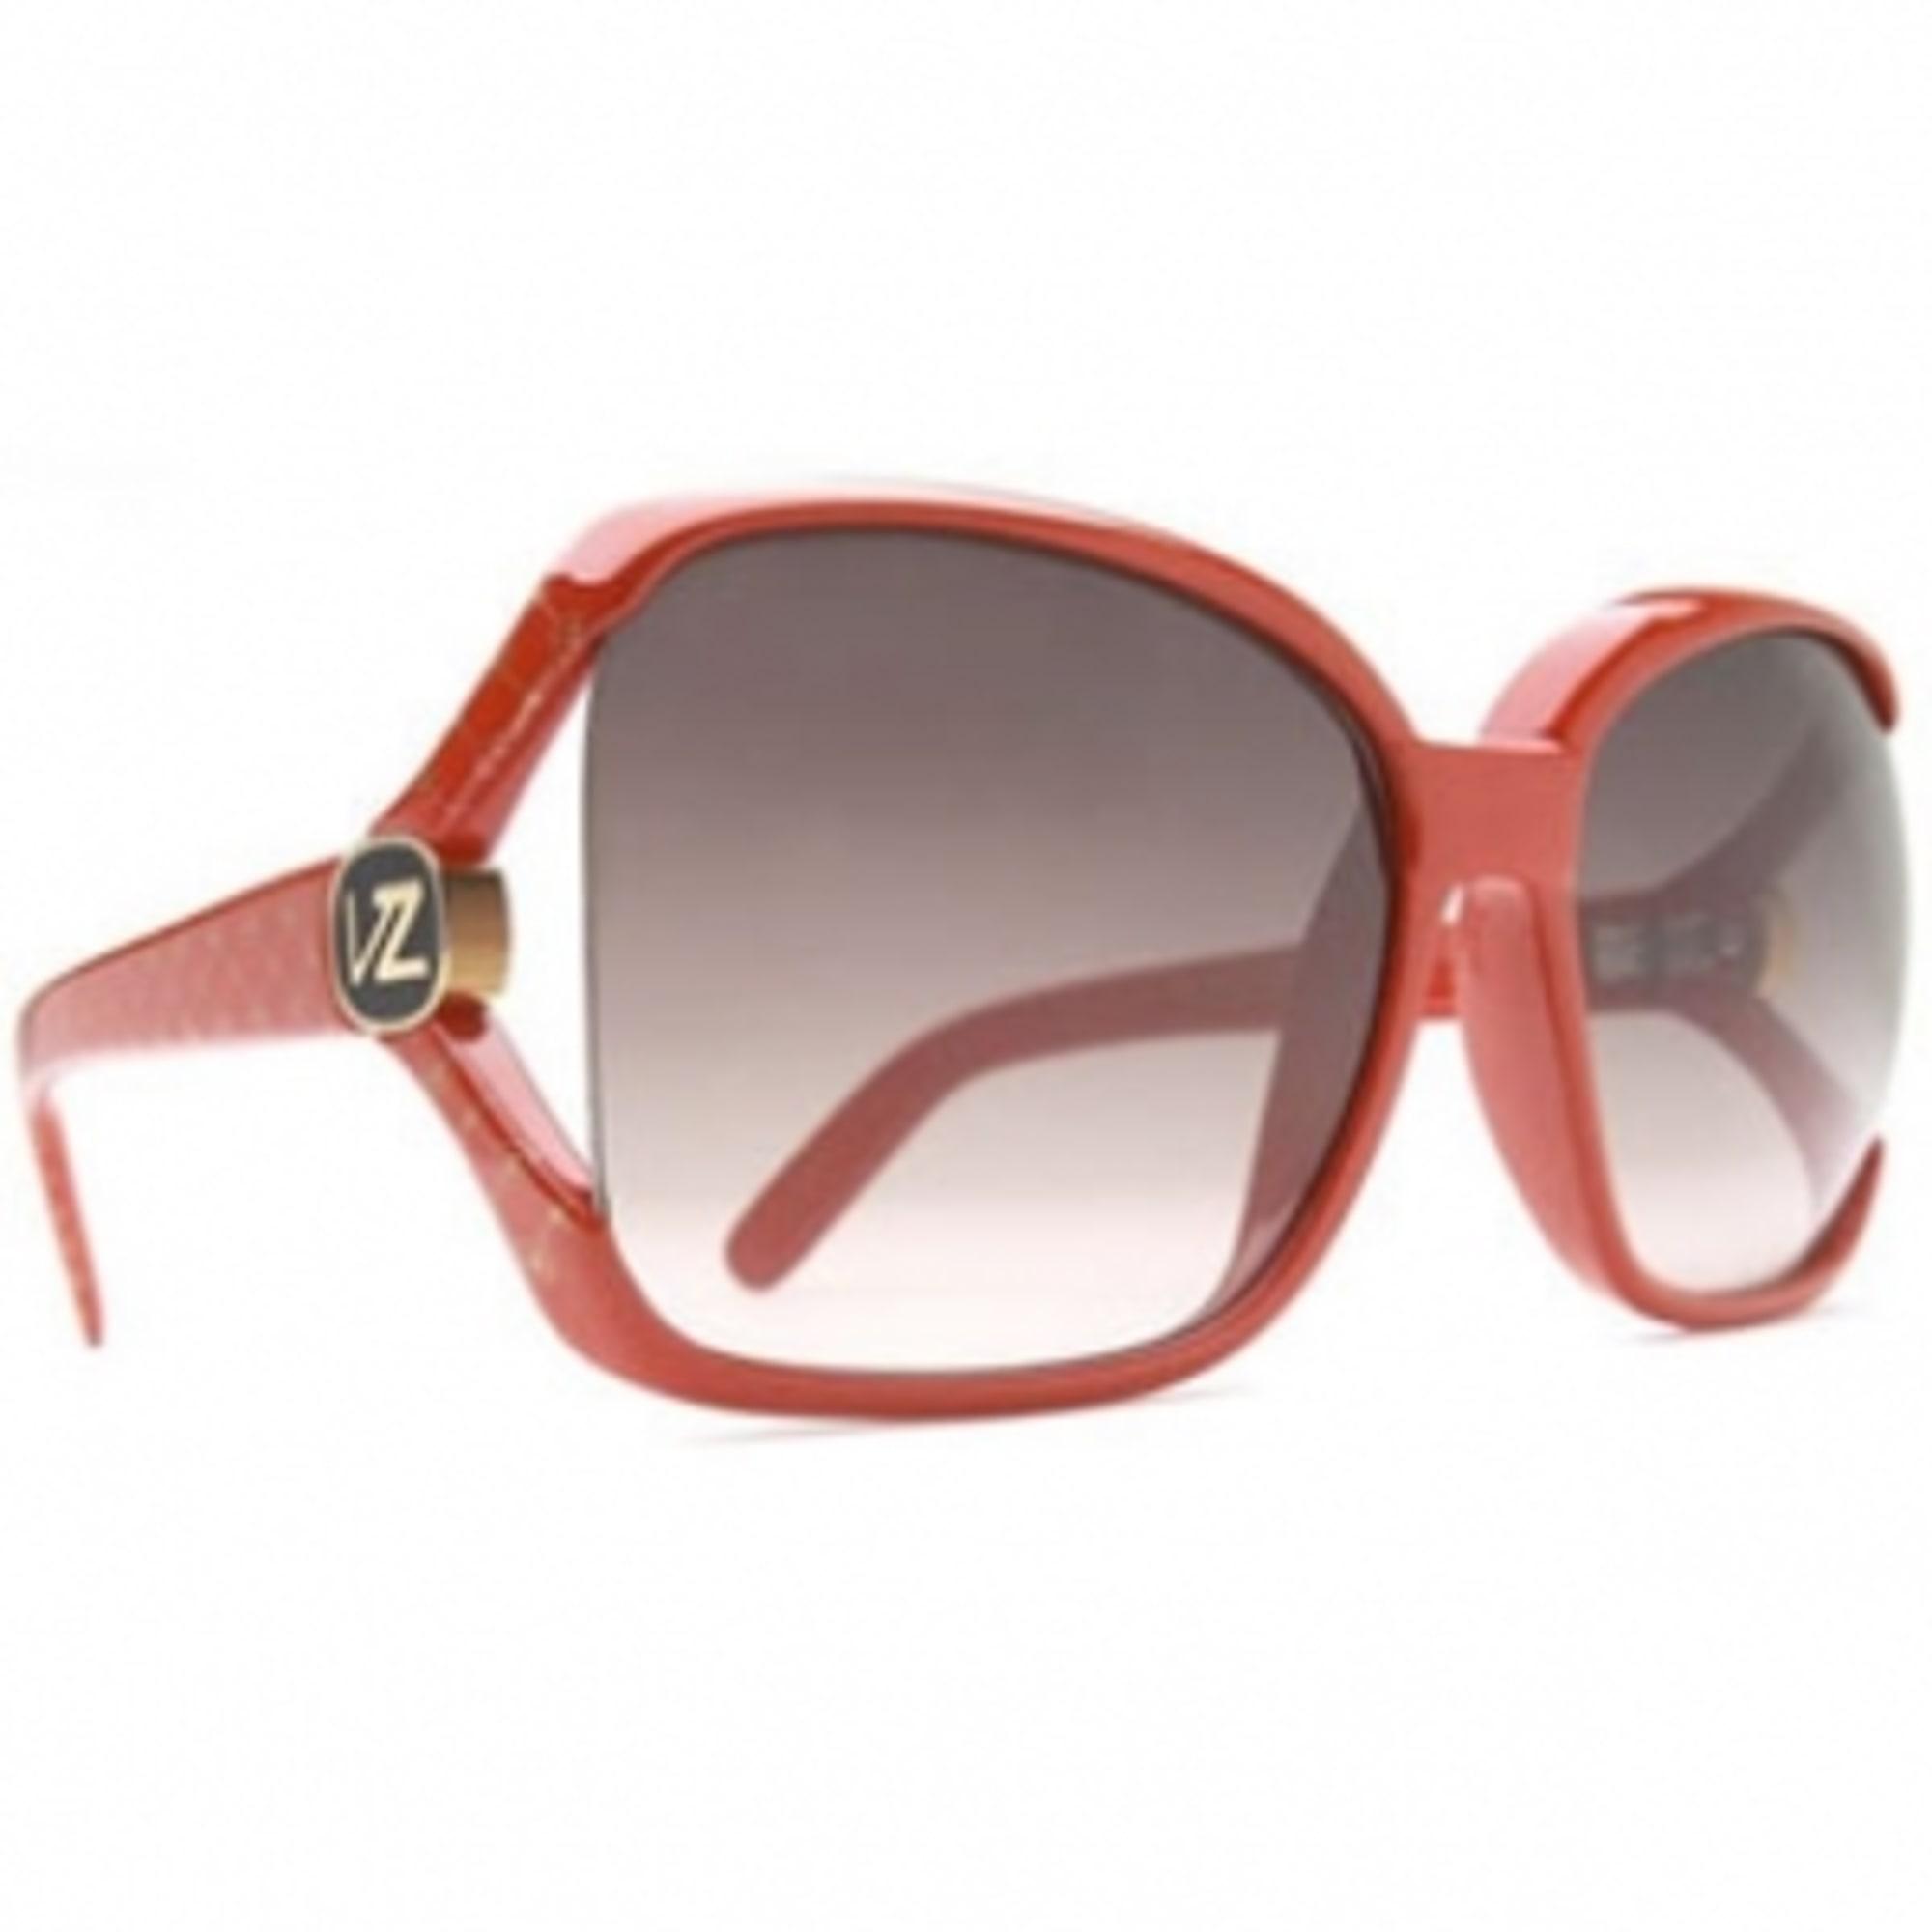 02ea2a1c22f7bb Lunettes de soleil VON ZIPPER rouge vendu par Shopname129970 - 552600